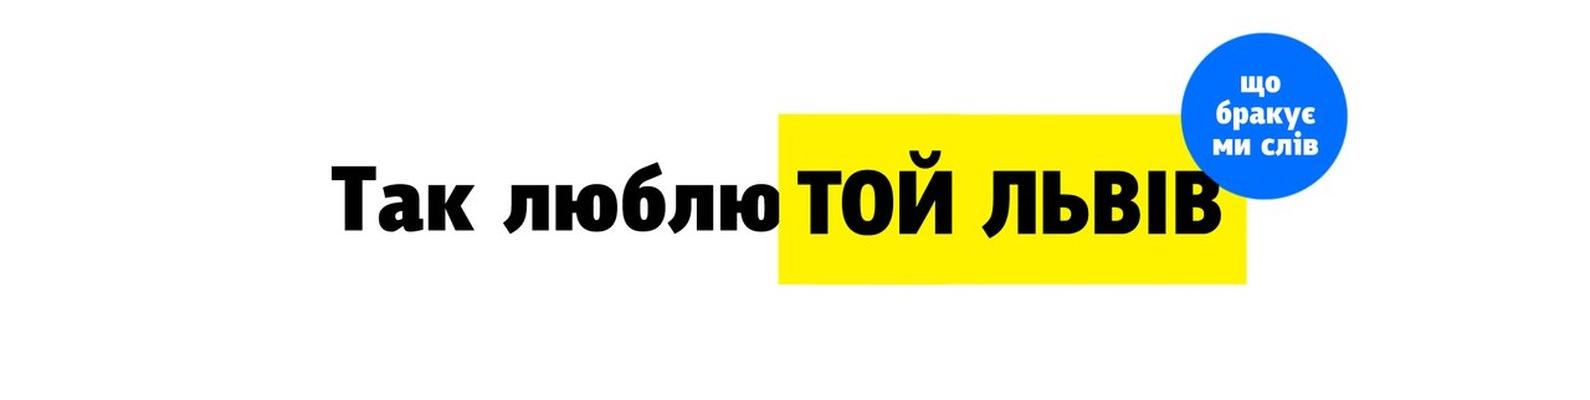 Понад 1200 військових взяли участь у Марші захисників України у Львові - Цензор.НЕТ 9842